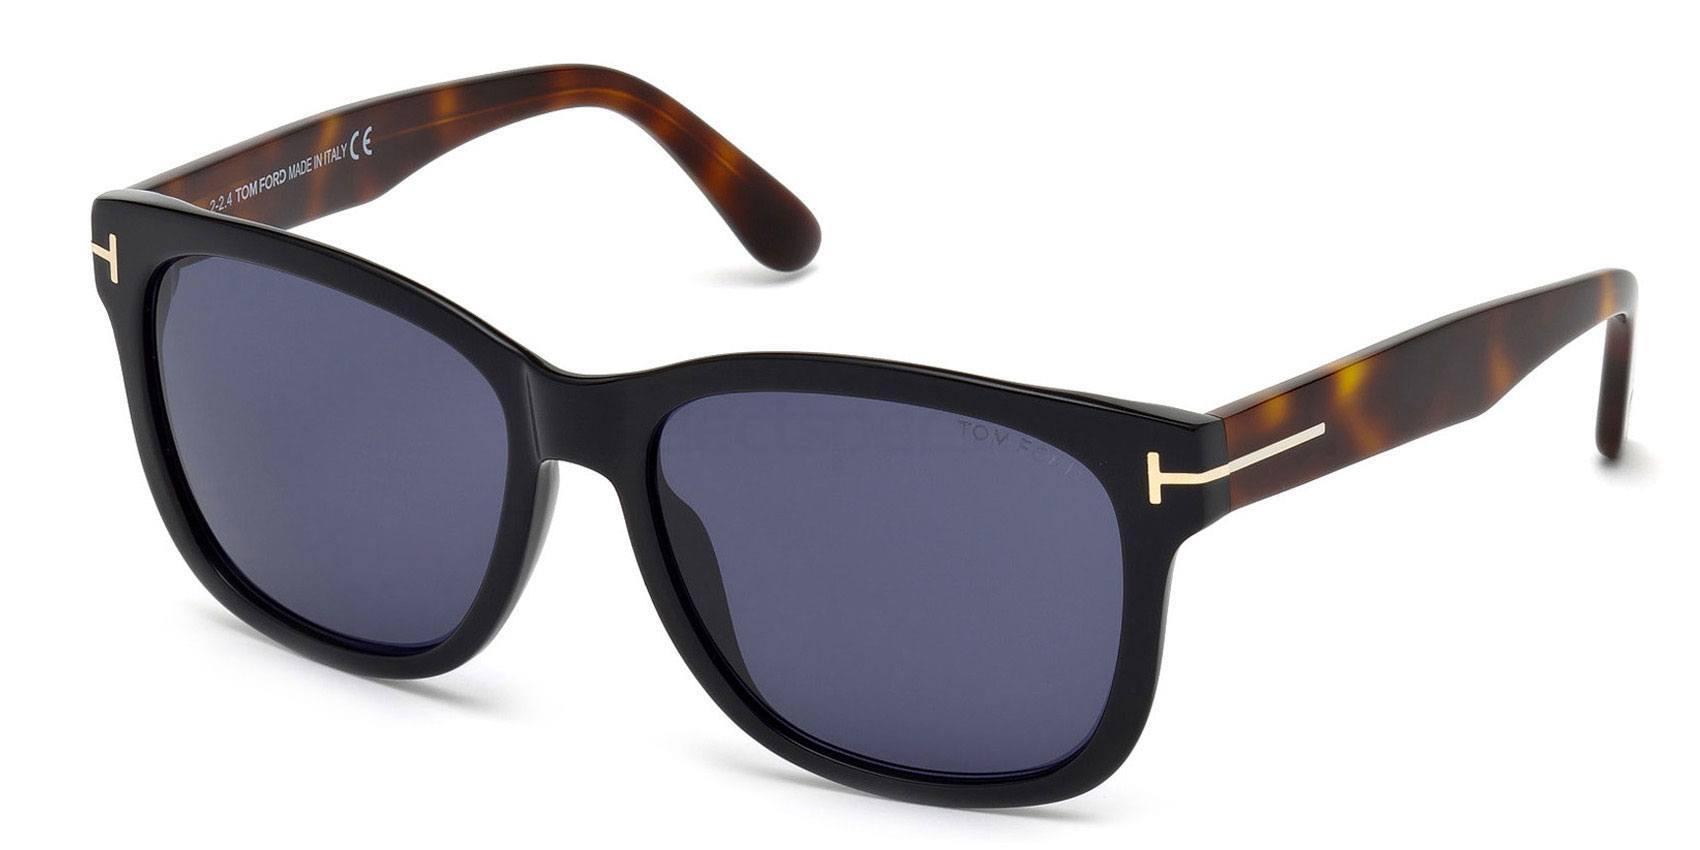 01V FT0395 Sunglasses, Tom Ford